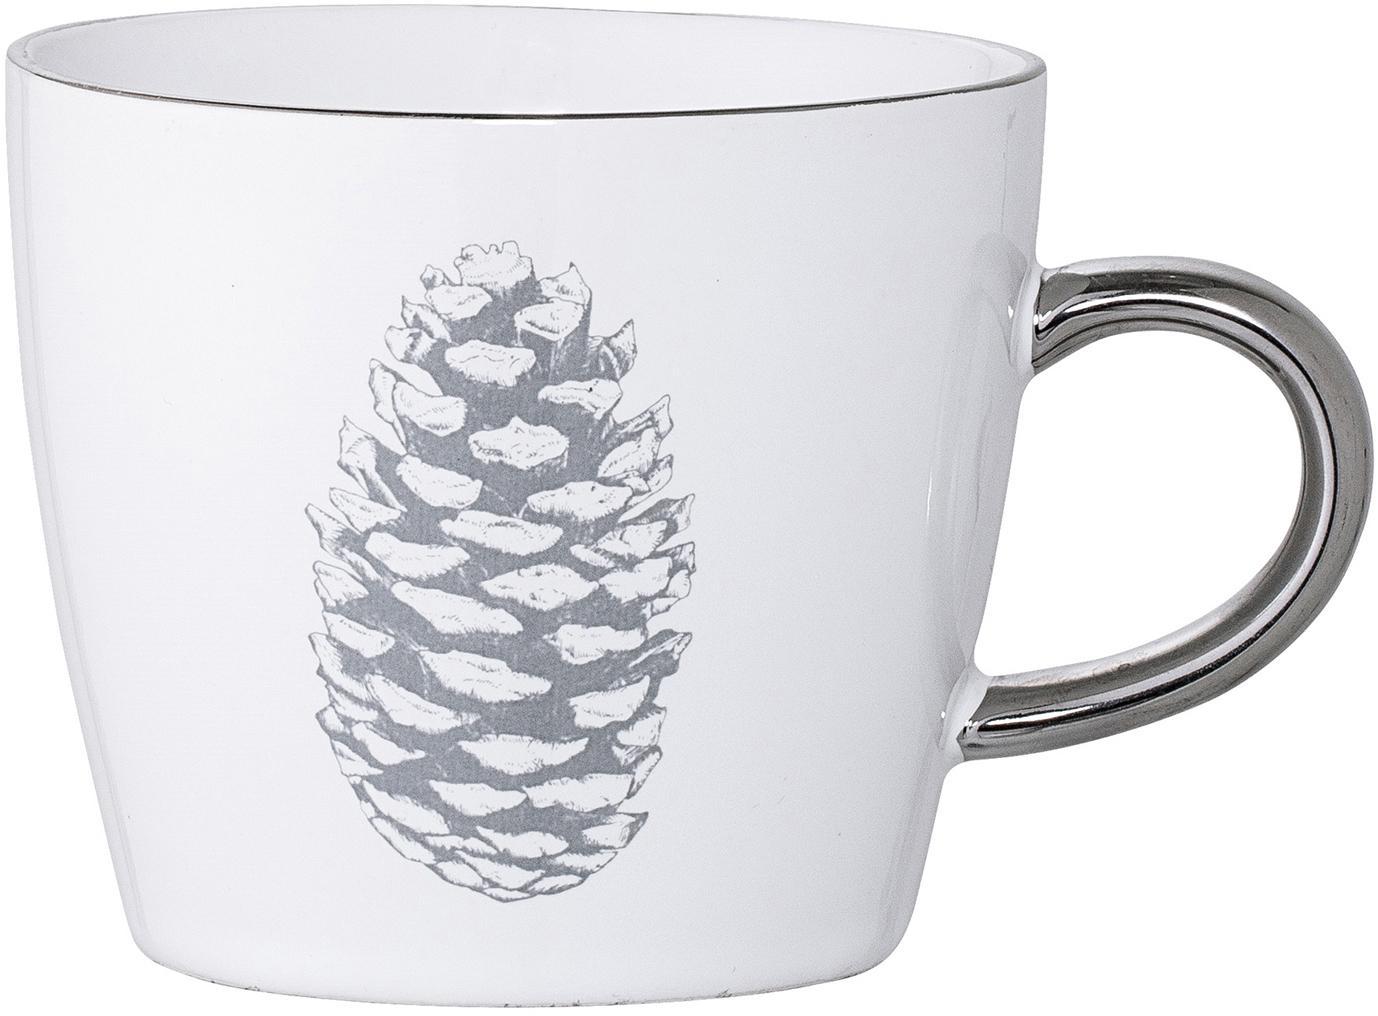 Kubek Frost, 2 szt., Kamionka, Biały, srebrny, jasny szary, Ø 10 x W 8 cm